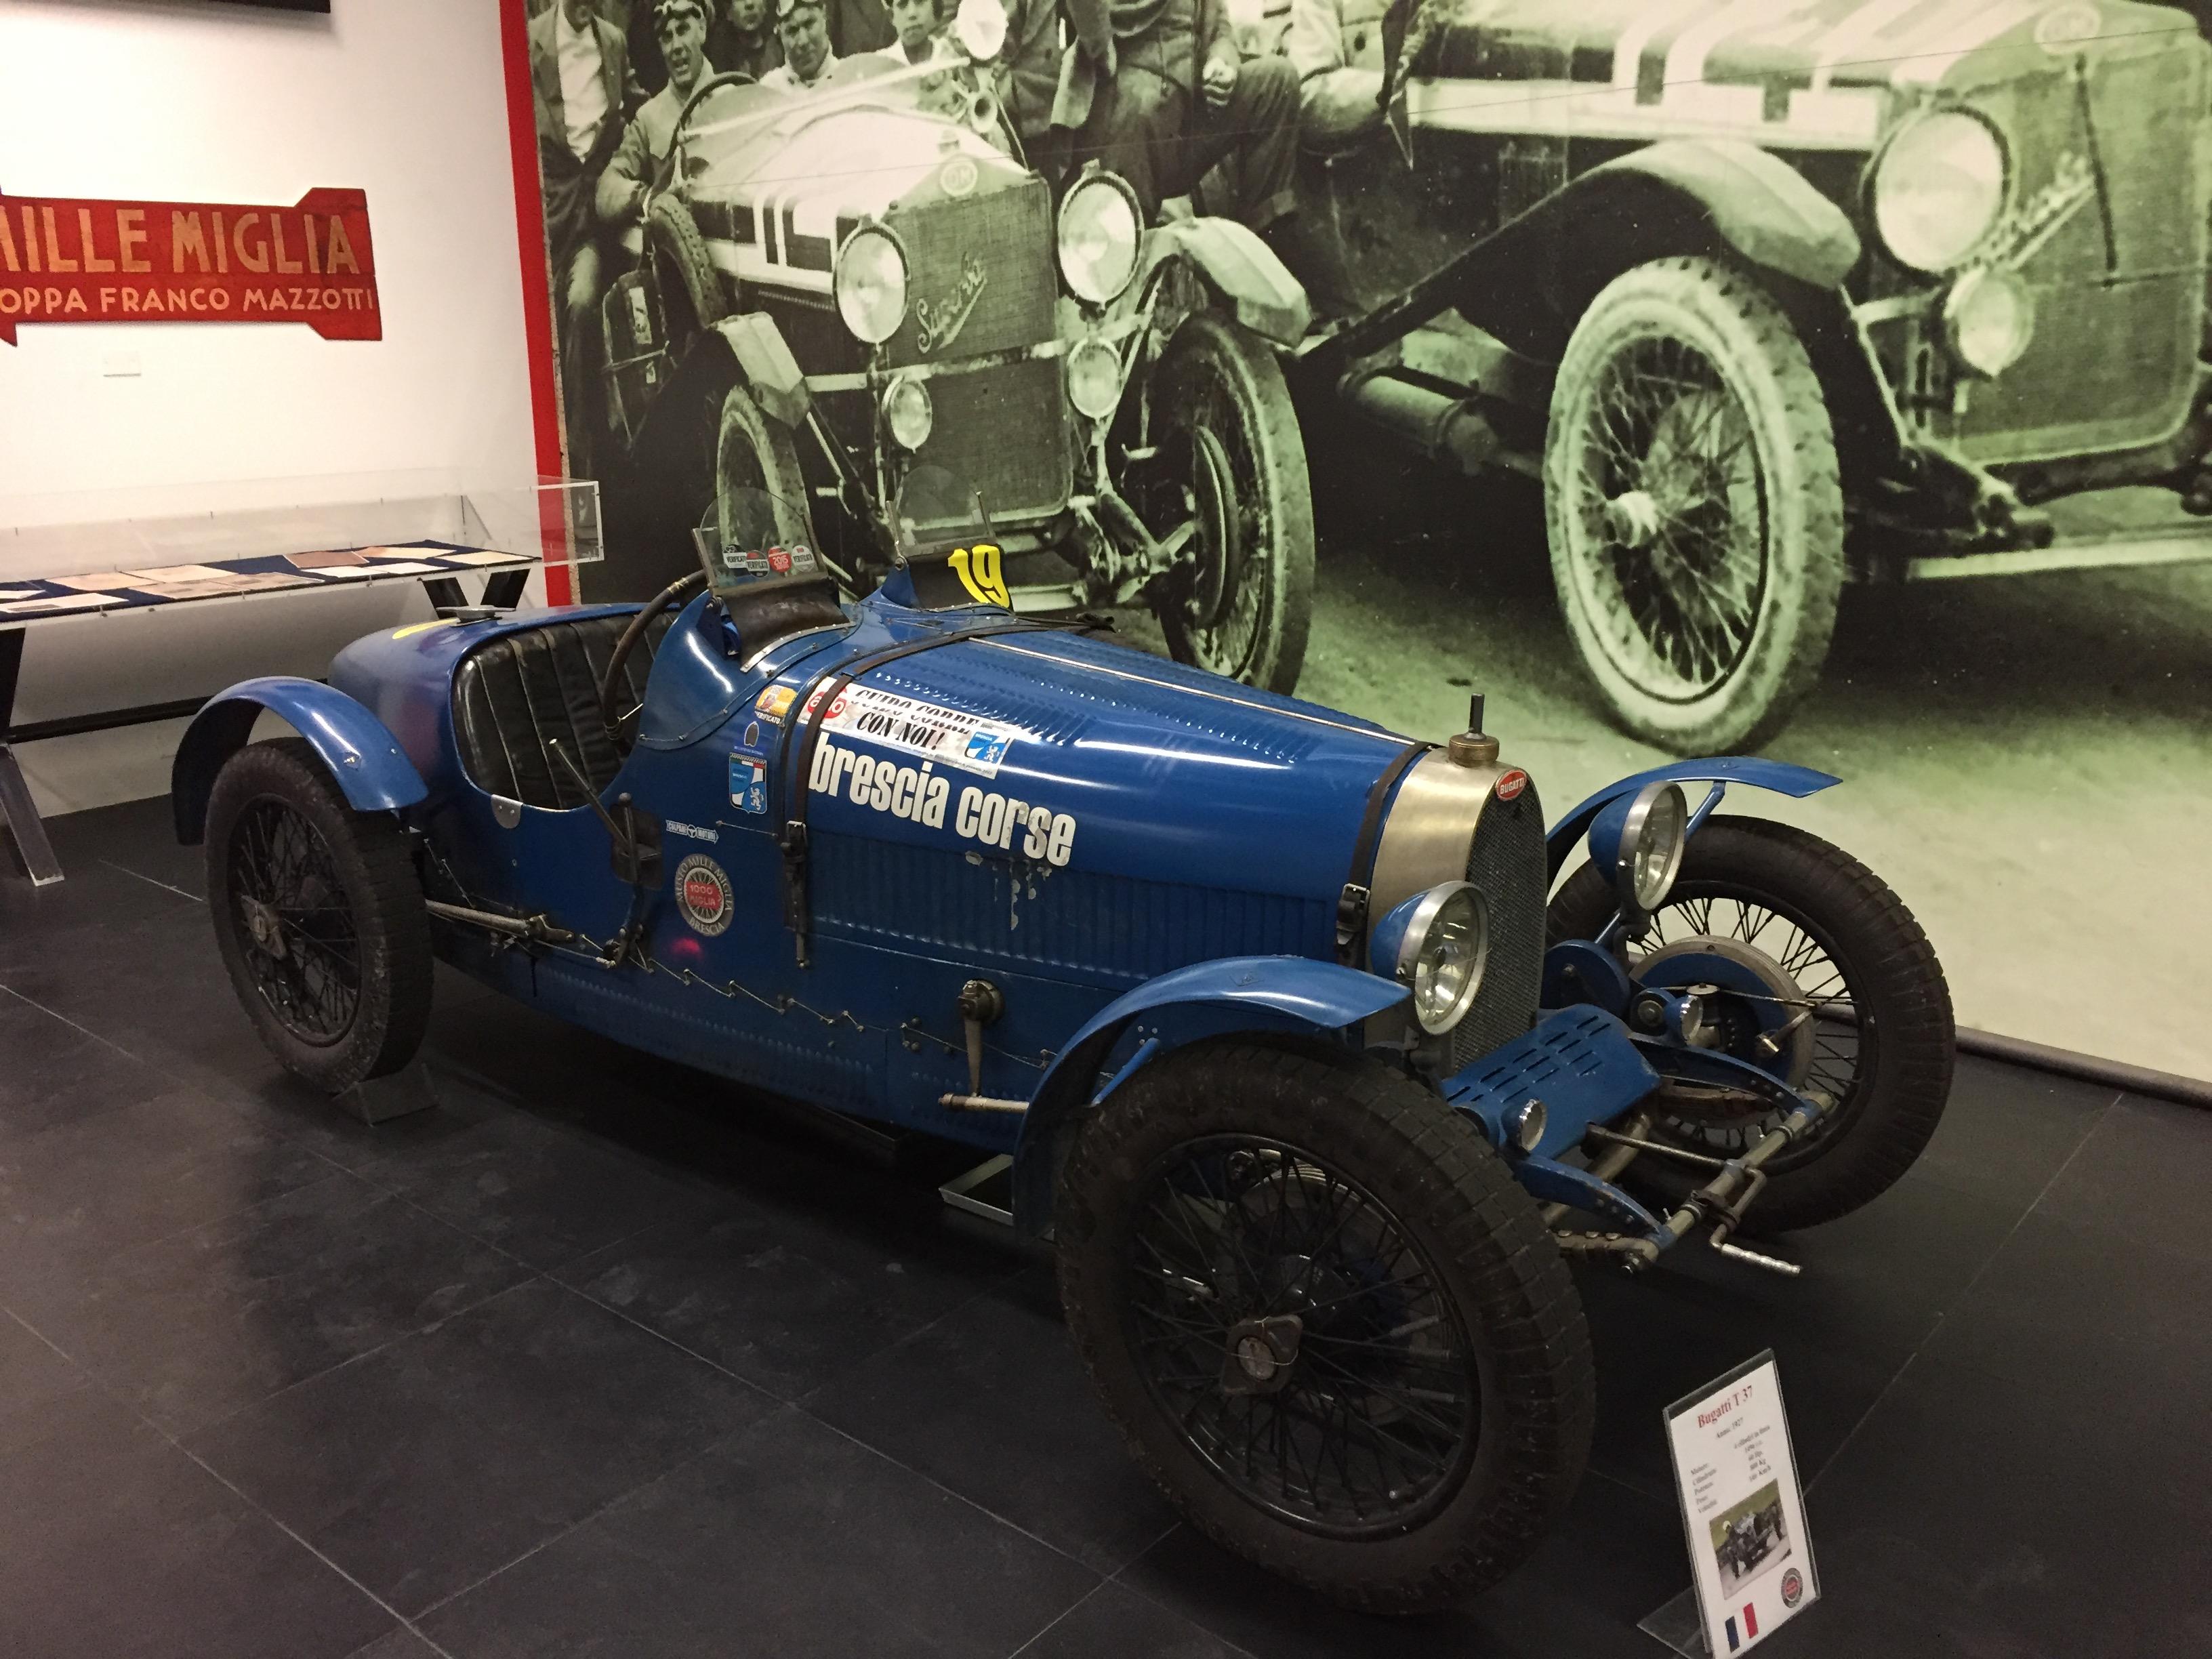 Bugatti T 37 vor einer schön gestalteten Fotowand